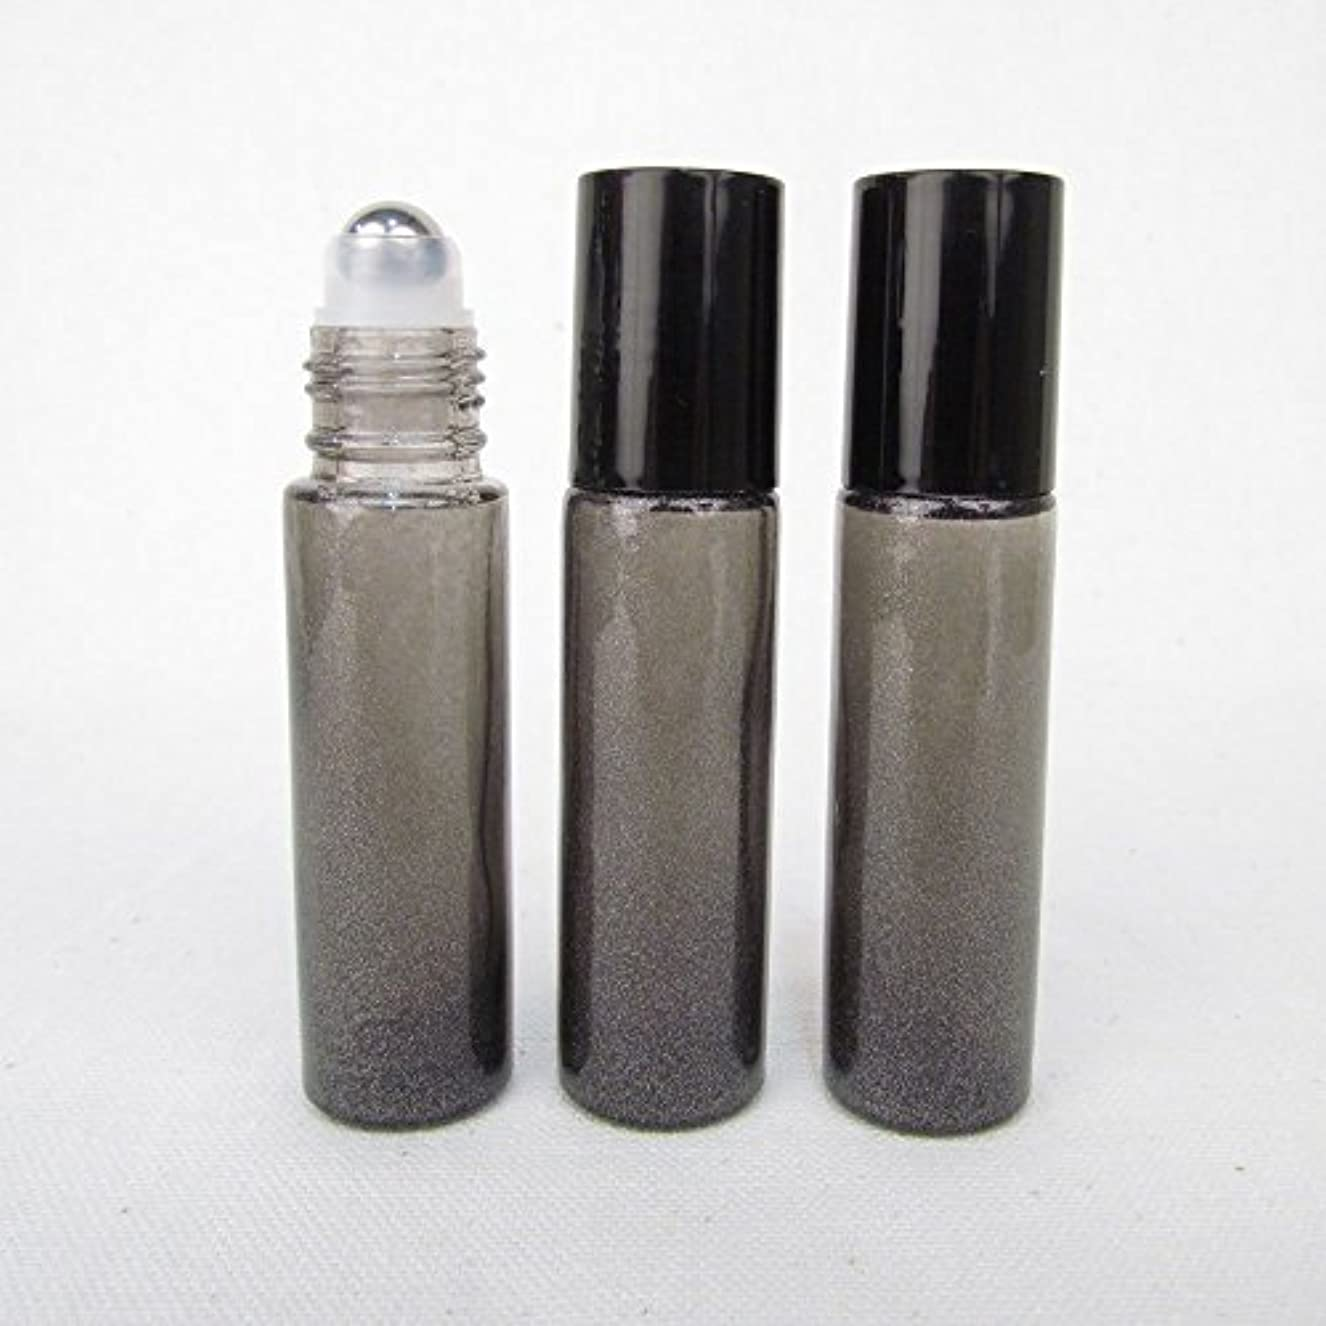 入学する南極系譜Set of 3 Granite Gray Color 10ml Roll on Bottle with Stainless Steel Ball for Essential Oil Products by Rivertree...